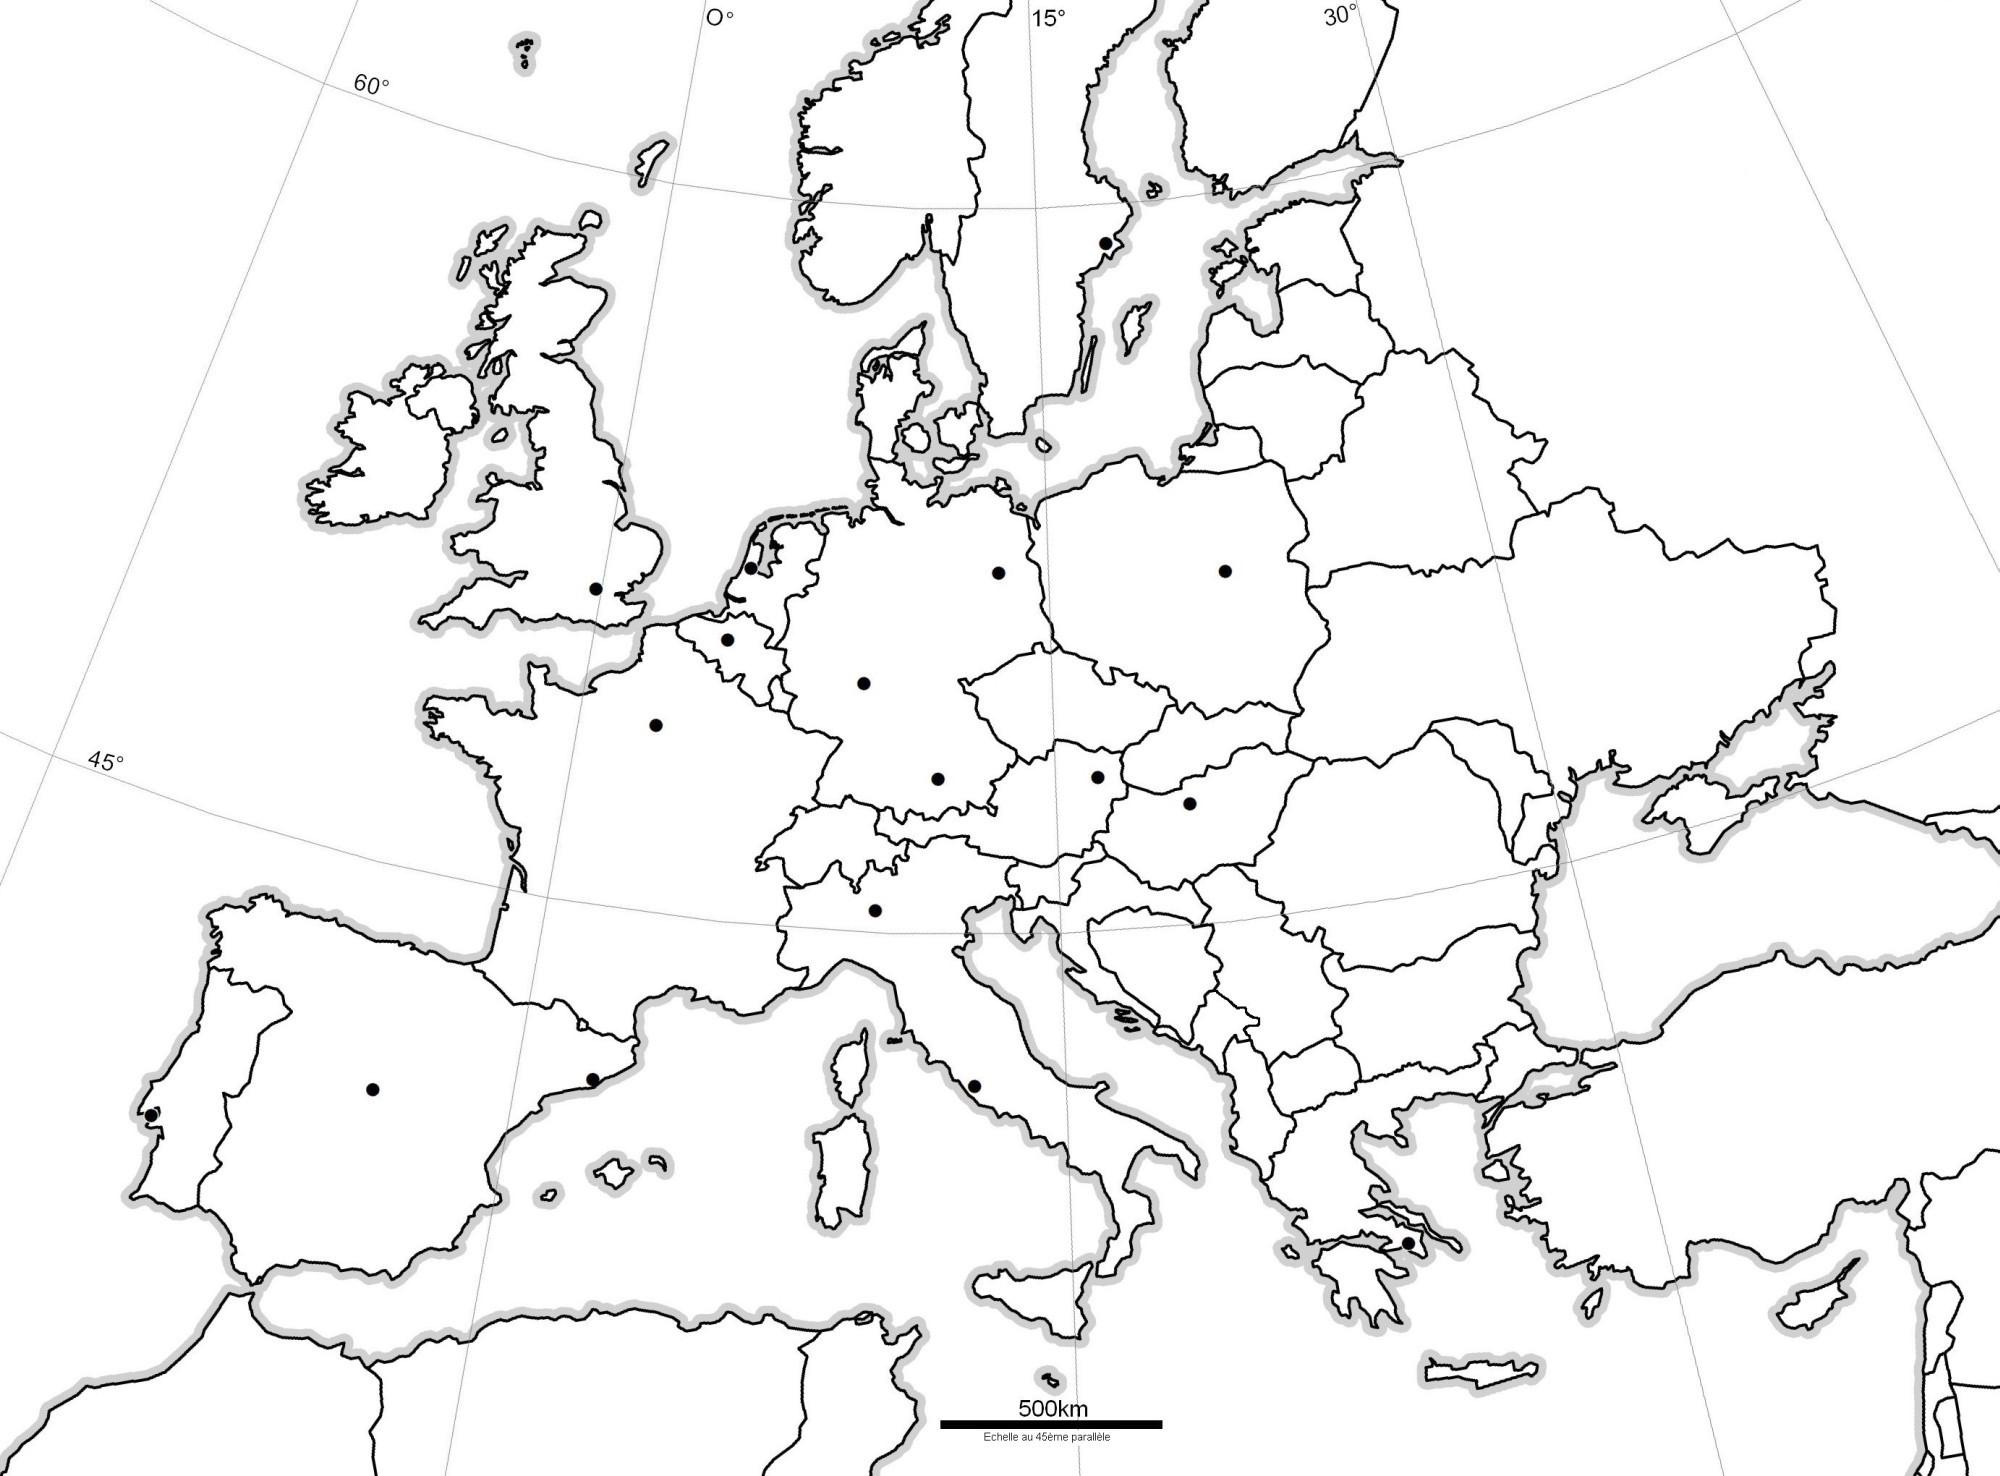 Espacoluzdiamantina: 25 Meilleur Carte De France Vierge Cm1 dedans Carte Europe Vierge Cm1